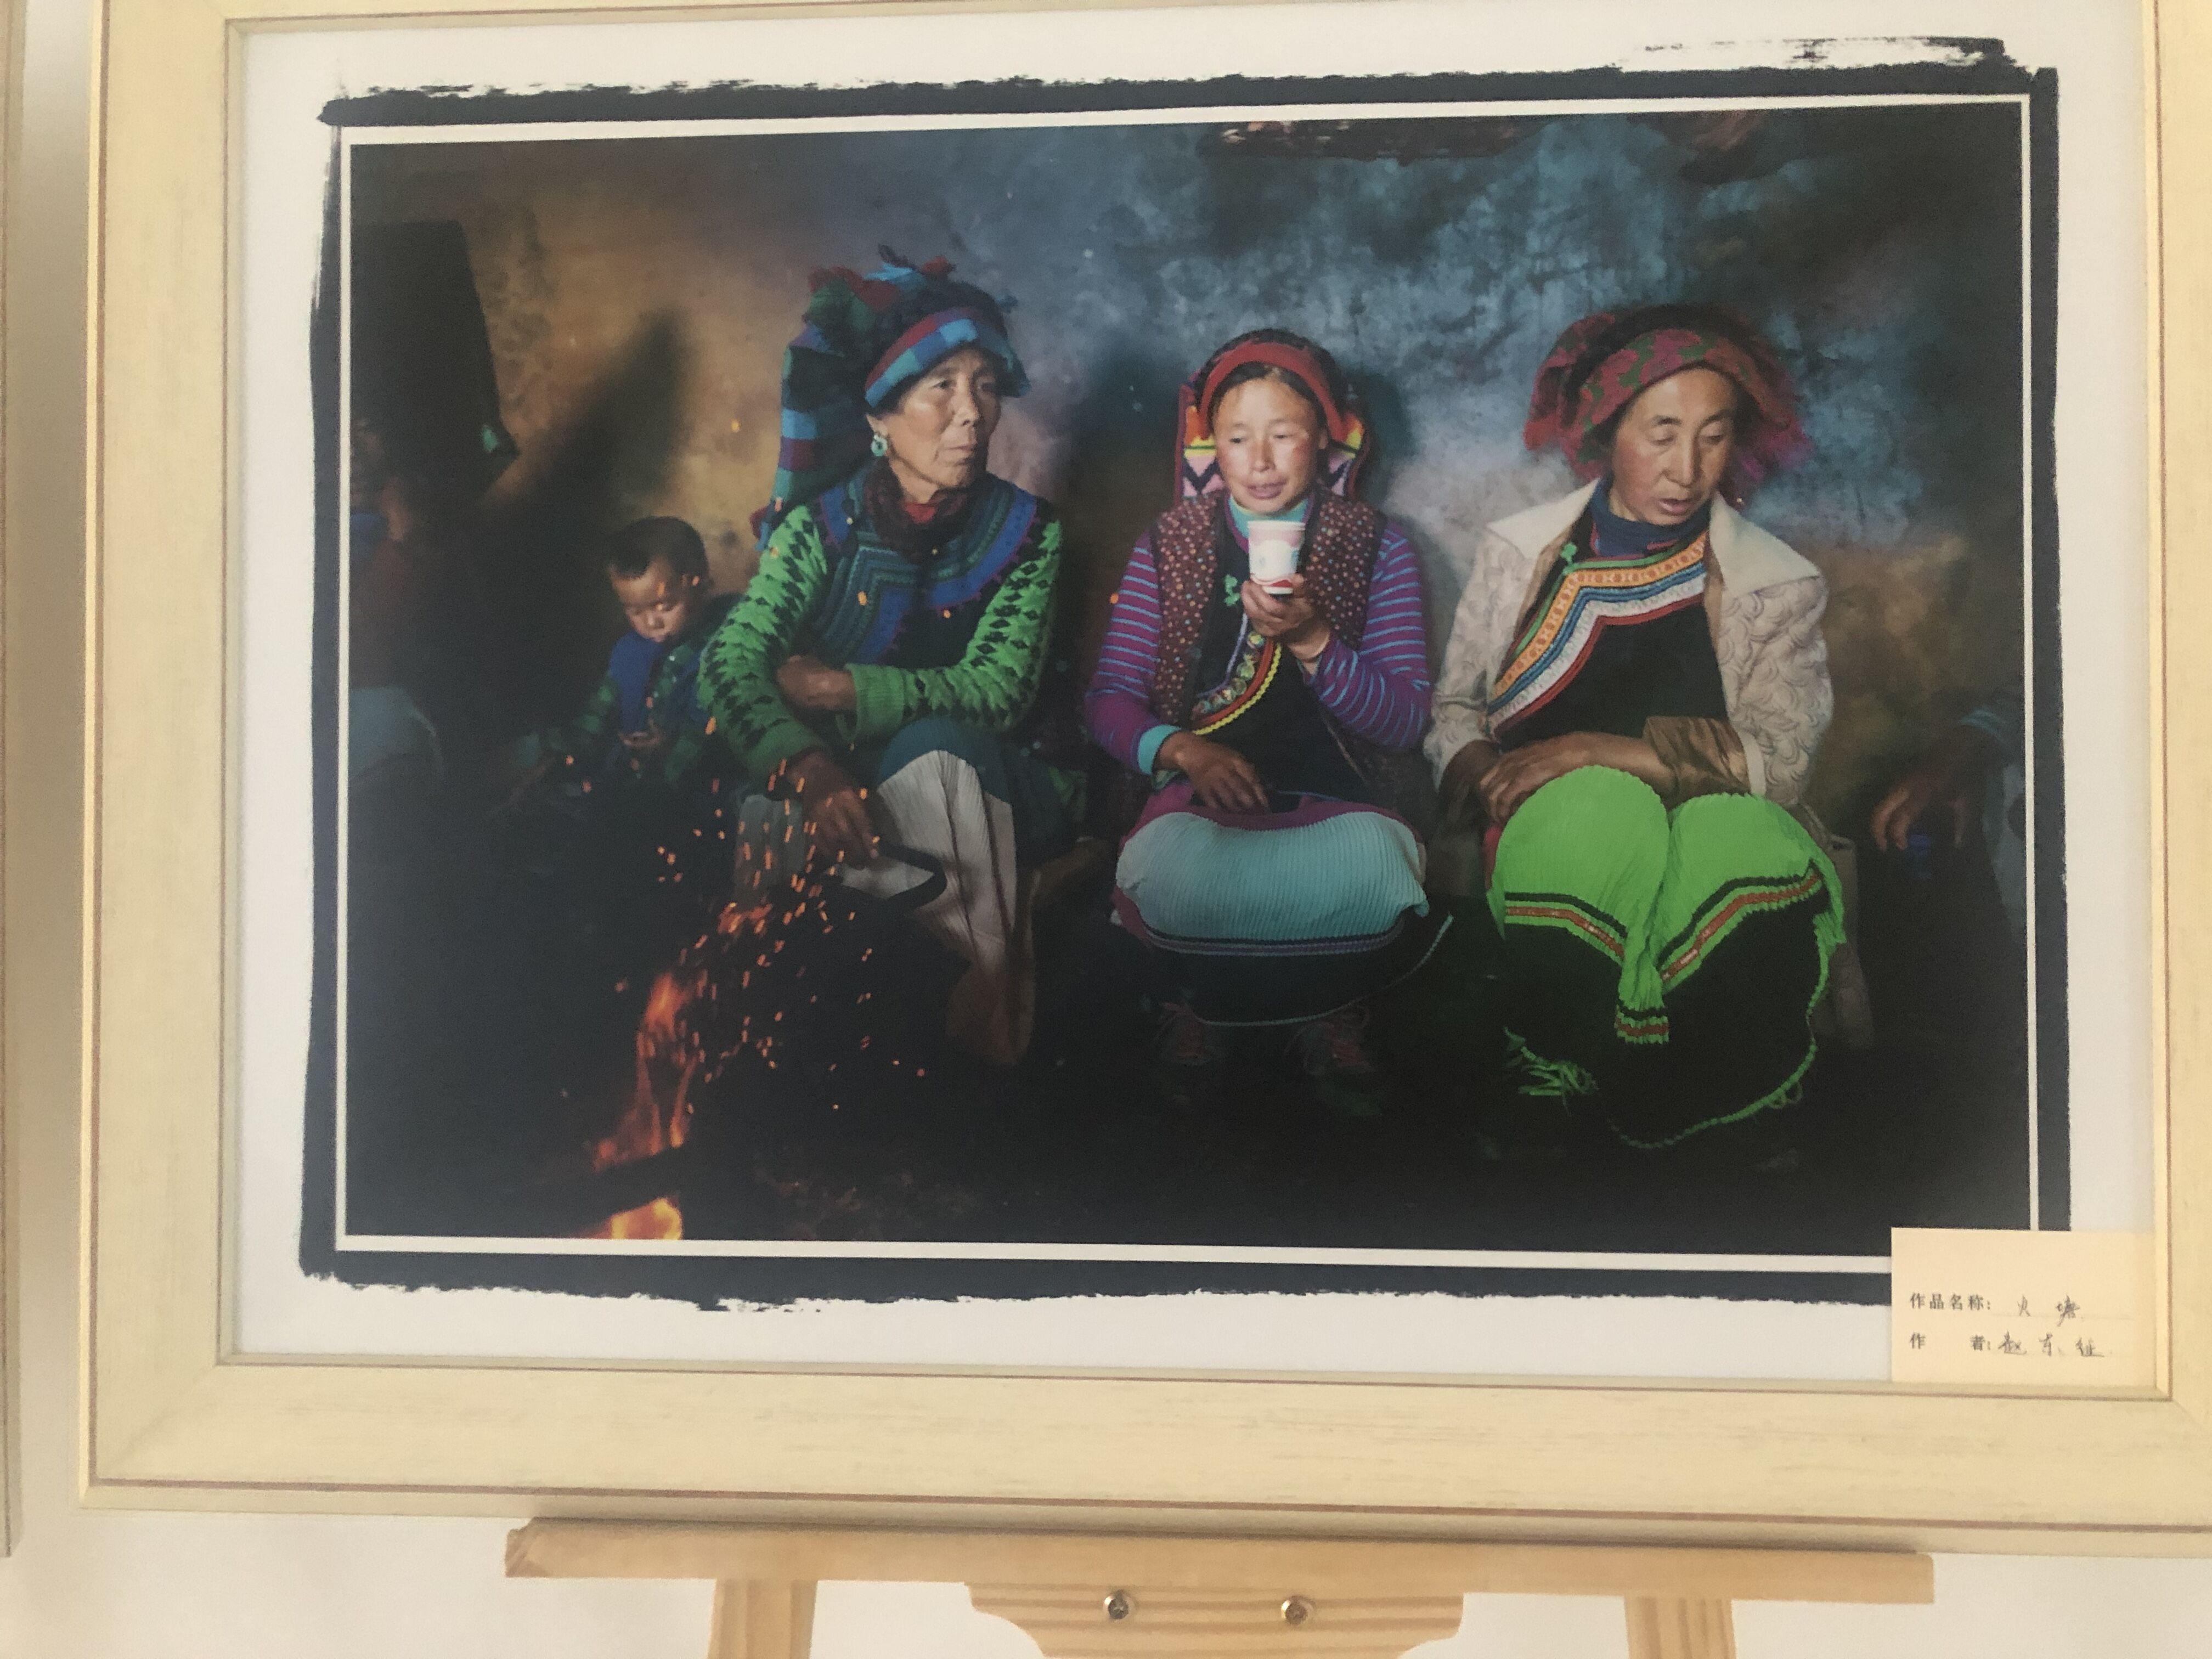 维西三江民族风情摄影协会举办维西民族风情摄影展